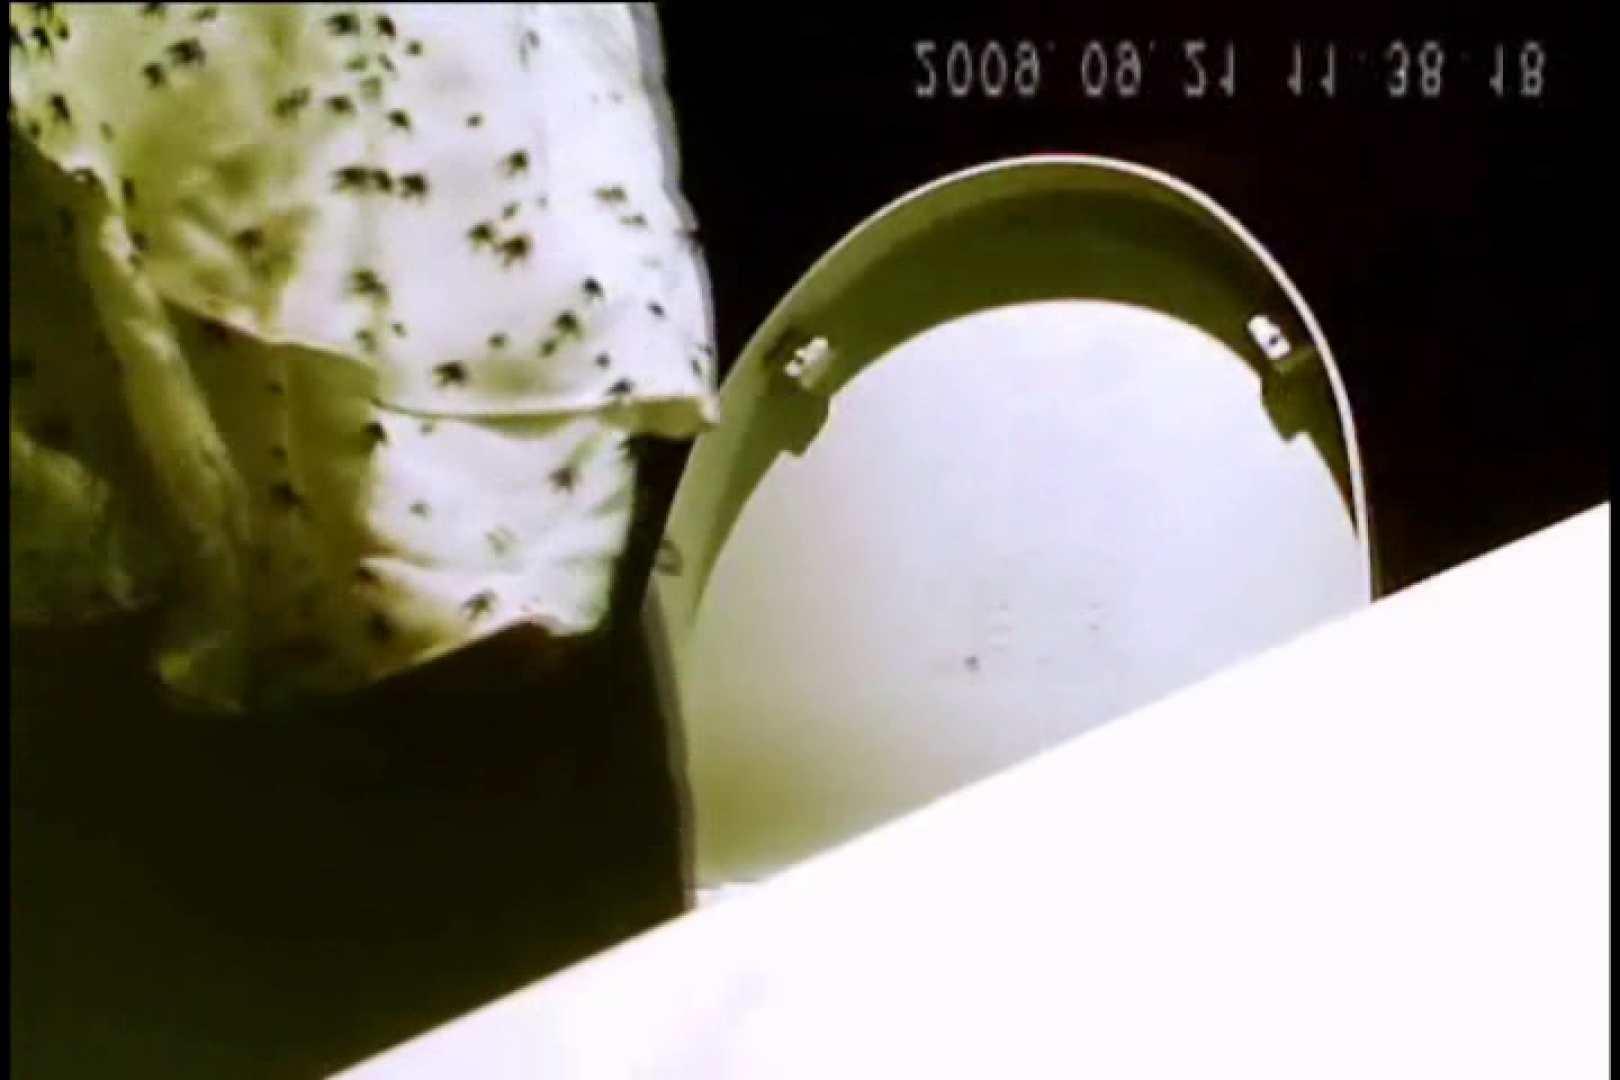 亀さんかわや VIPバージョン! vol.21 黄金水 盗み撮り動画キャプチャ 101PICs 59